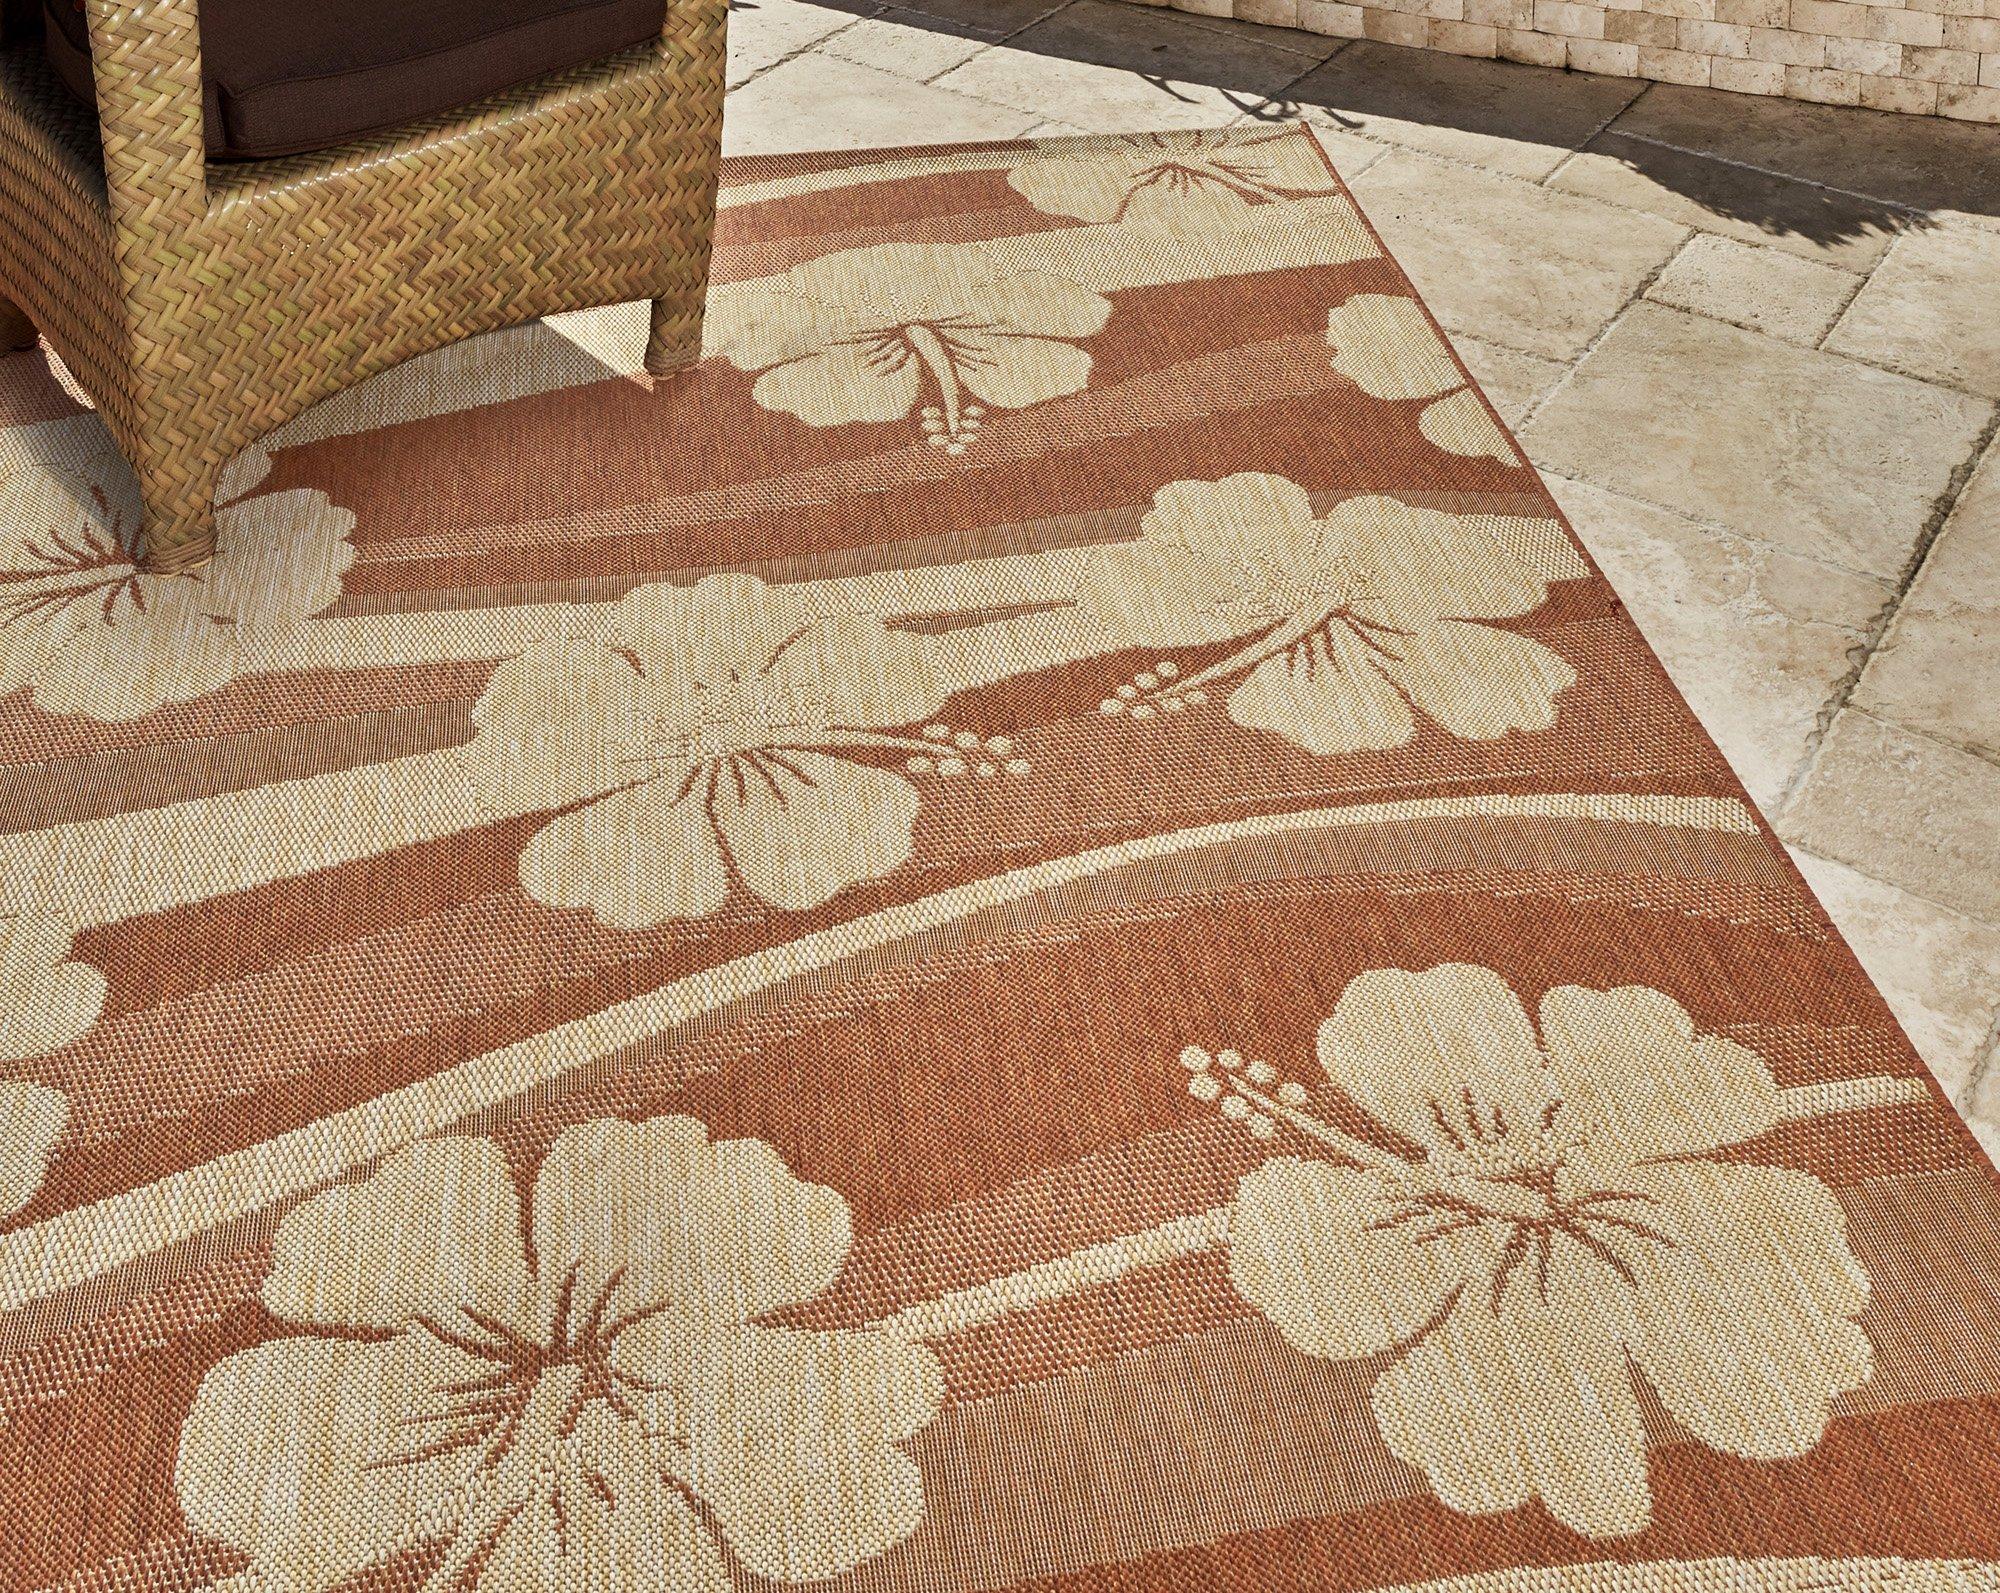 Gertmenian 21266 Nautical Tropical Rug Outdoor Patio Carpet, 5x7 Standard, Hibiscus 3-D